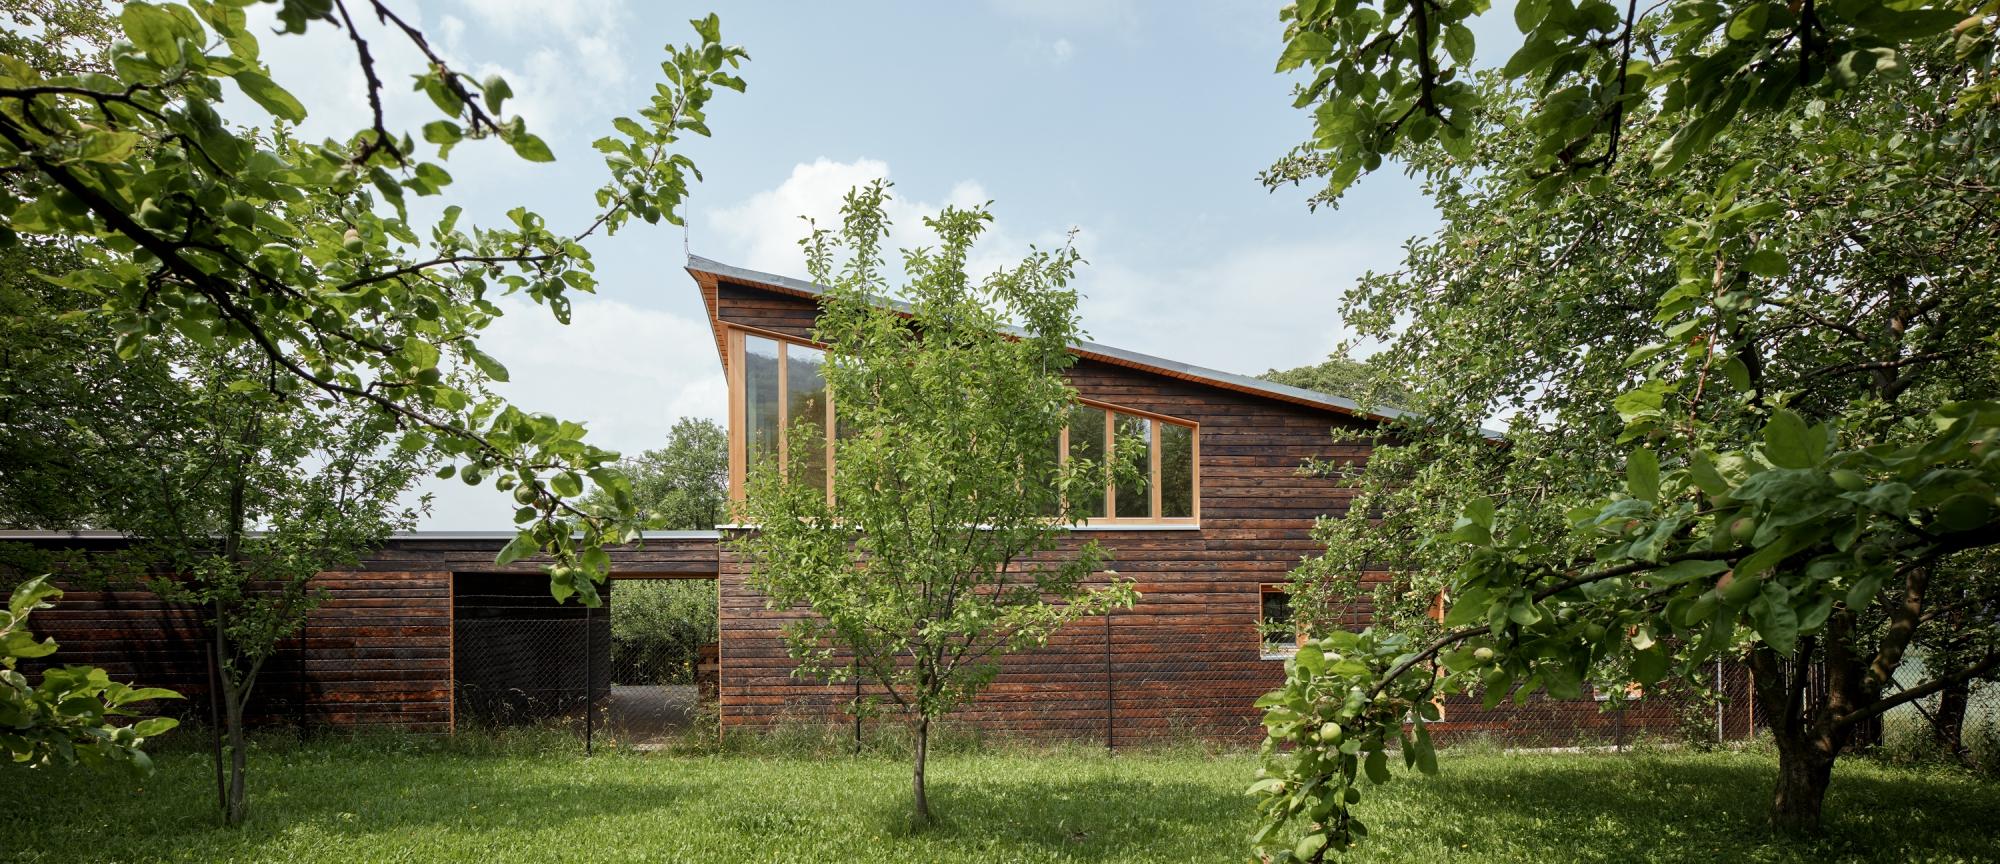 Drewniany dom letniskowy